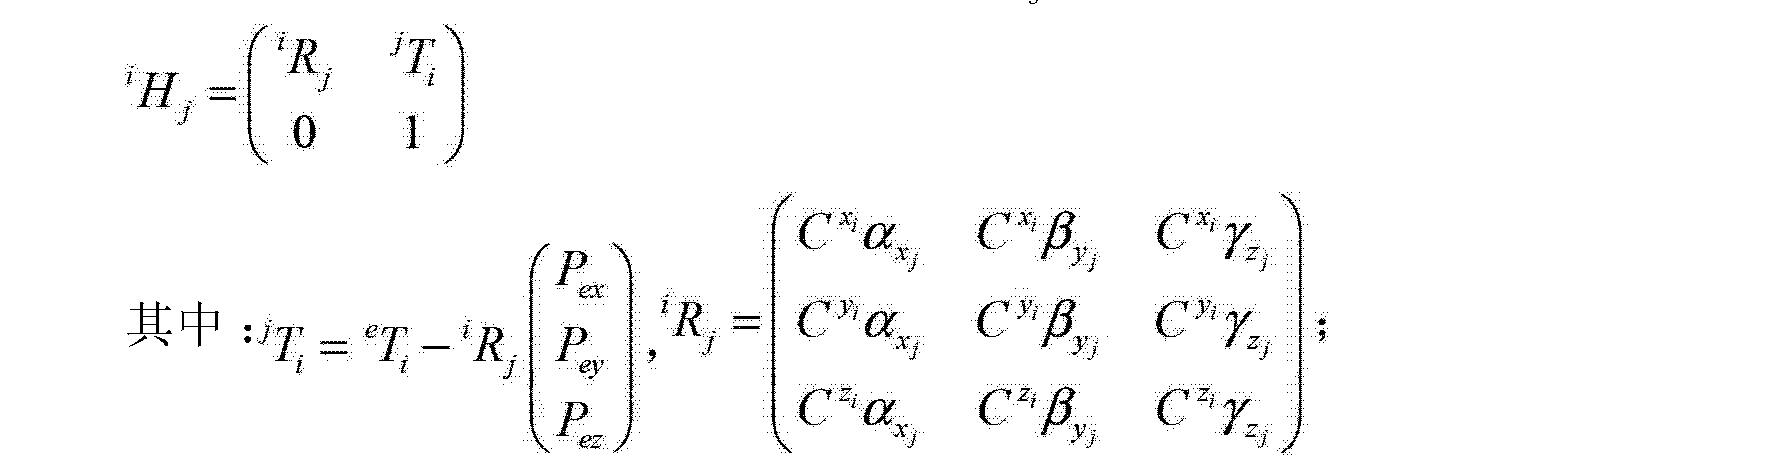 Figure CN104165584AC00055